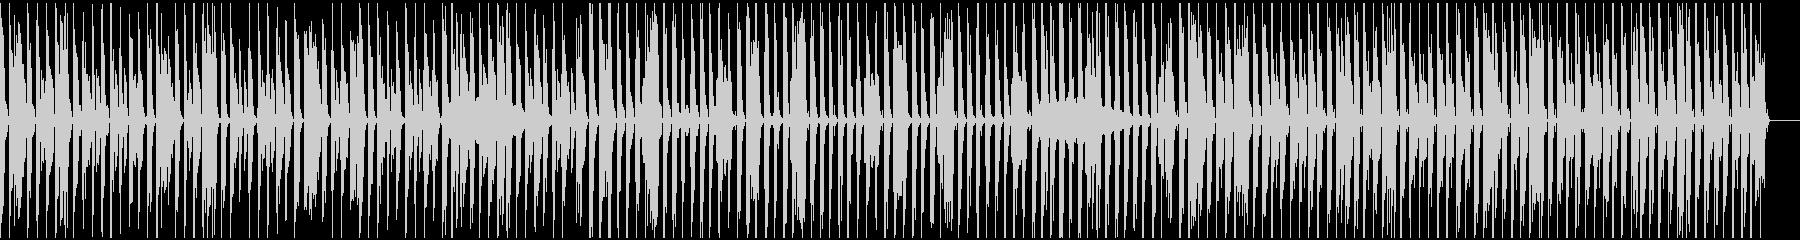 【エレクトロニカ】テクノ、ロング5の未再生の波形